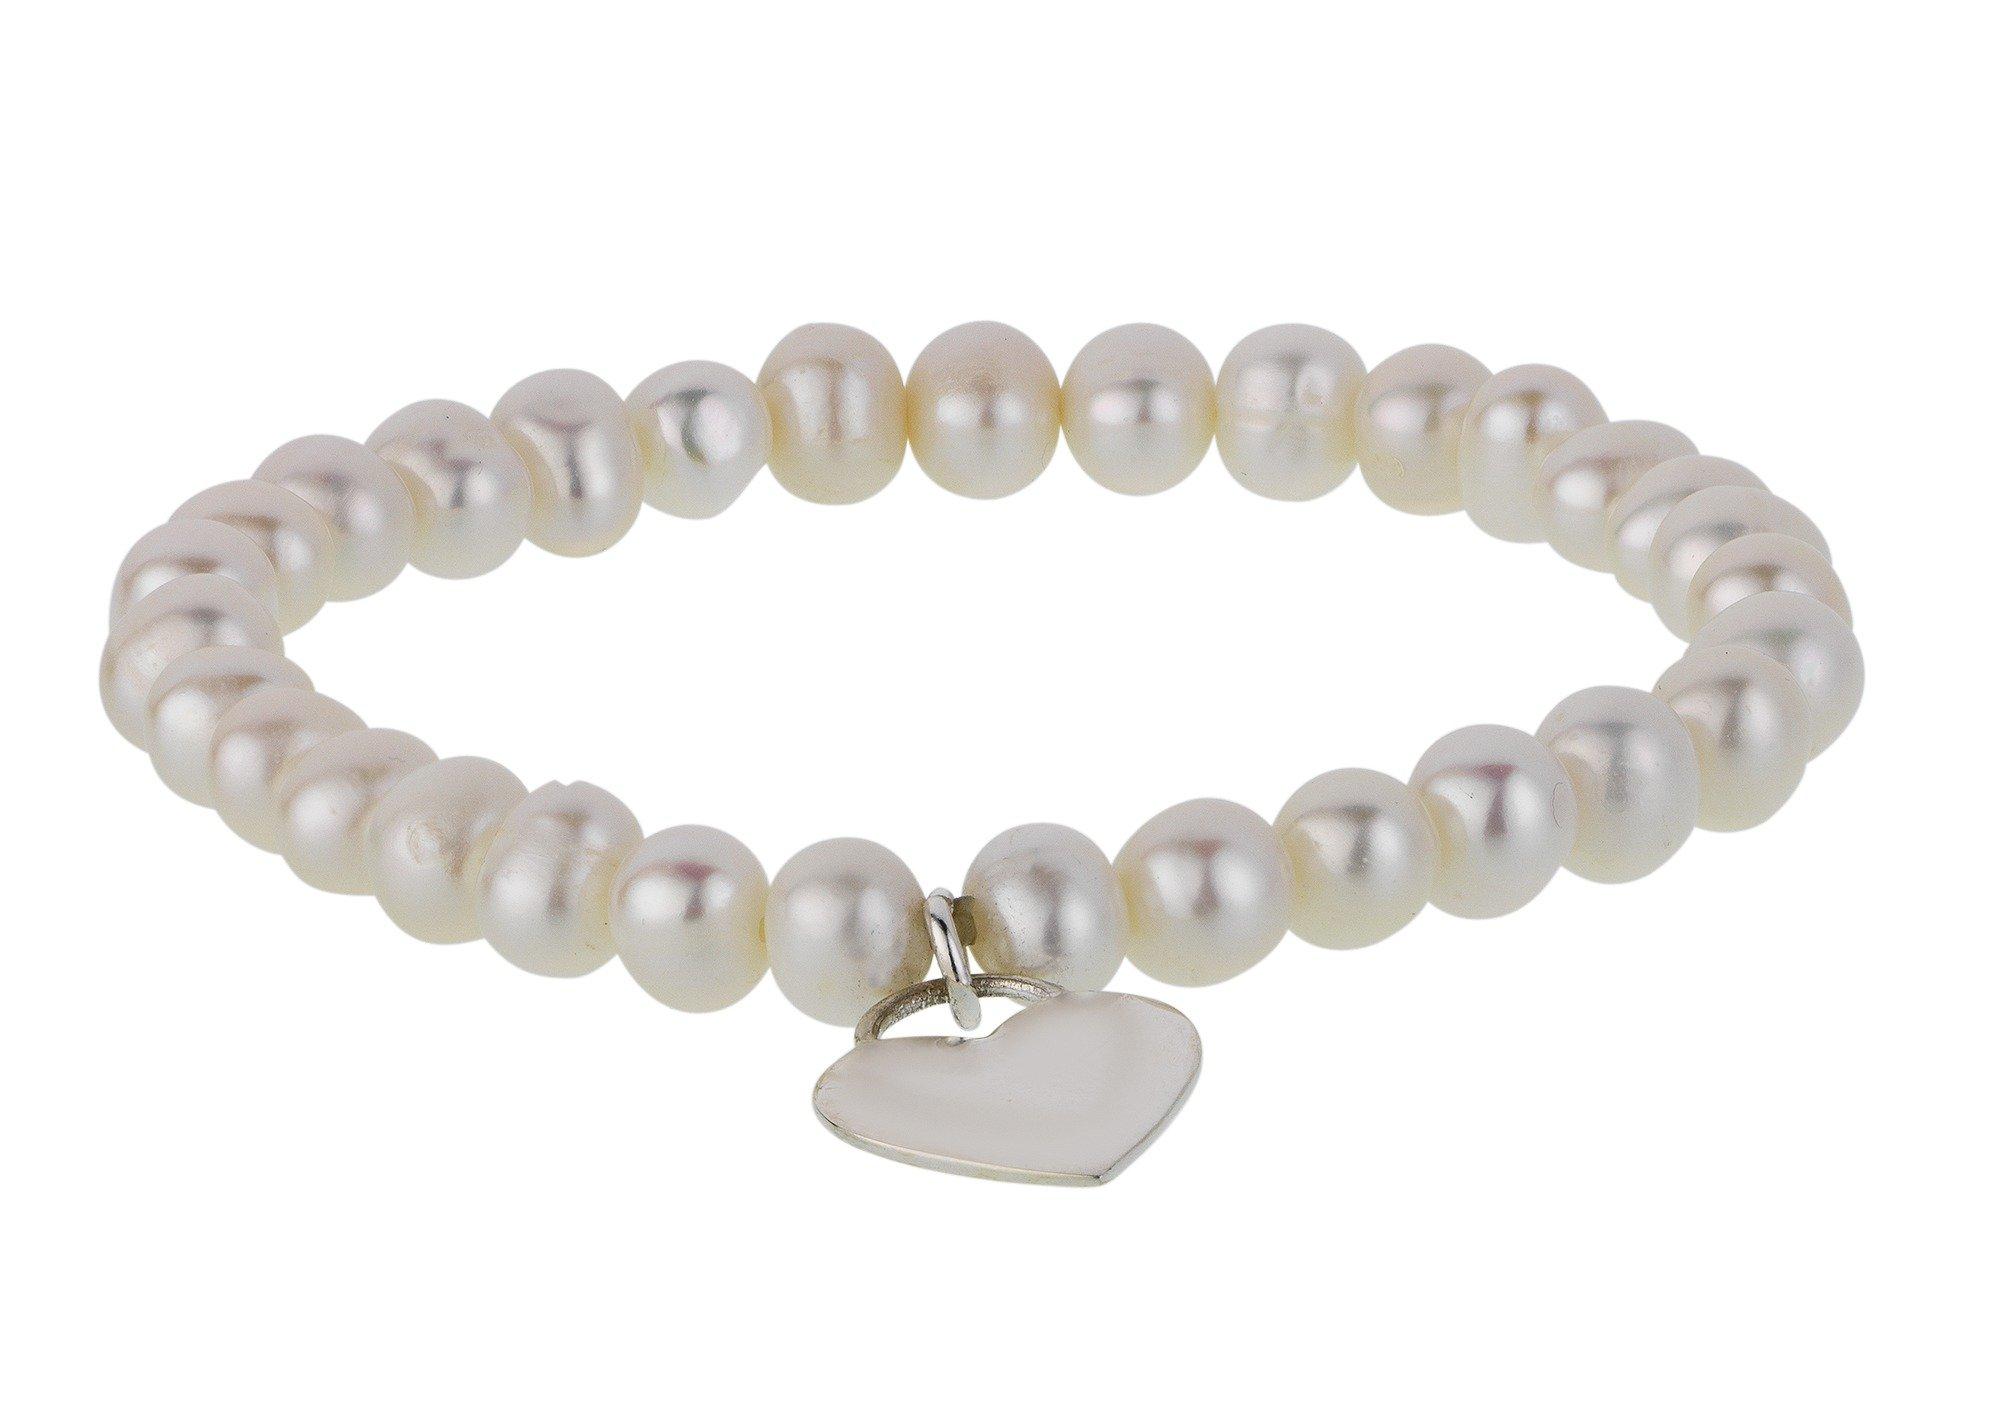 Revere Sterling Silver Freshwater Pearl Heart Charm Bracelet